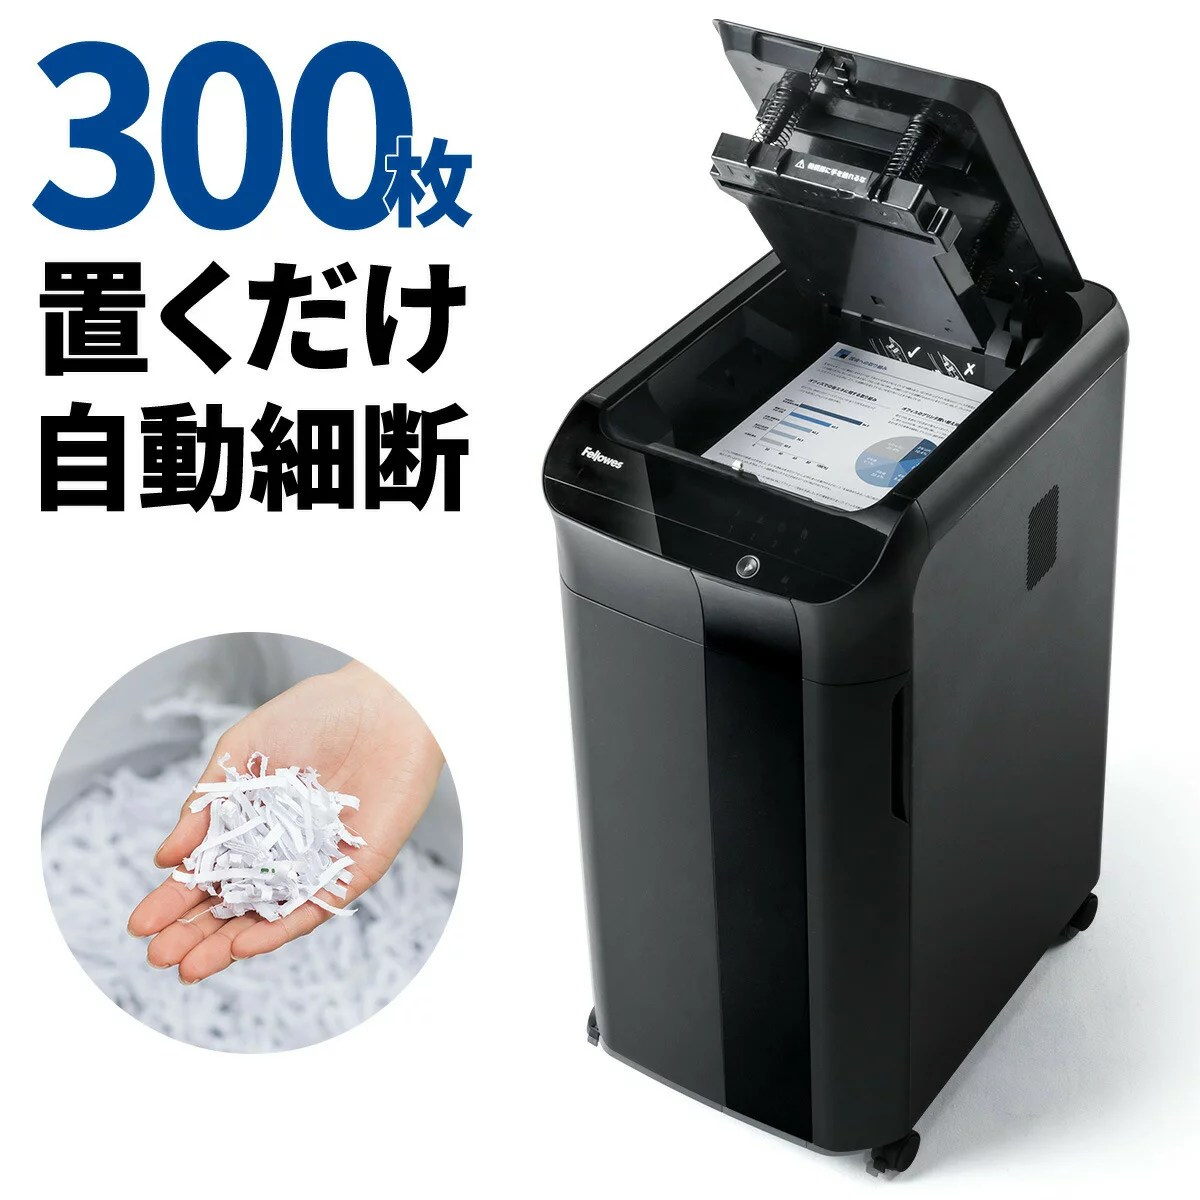 シュレッダー オートフィード 業務用 自動細断 電動 自動給紙 クロスカット 静音 CD DVD カ